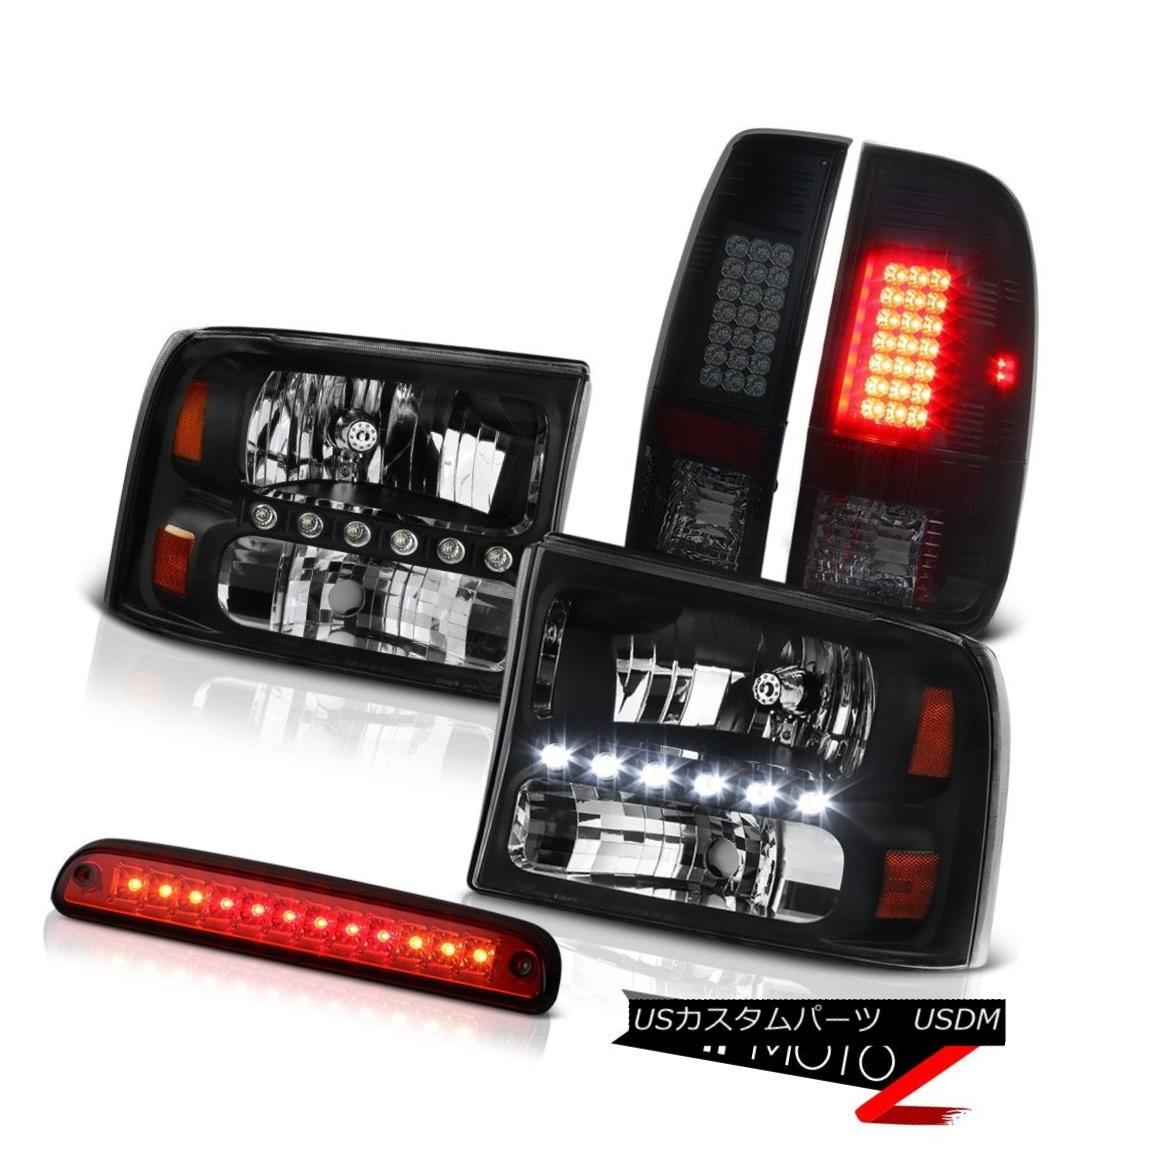 テールライト Black Euro Headlamps Third Brake Red LED Blubs Rear Tail Light 99-04 F350 6.8L ブラックユーロヘッドランプ第3ブレーキ赤色LED電球リアテールライト99-04 F350 6.8L